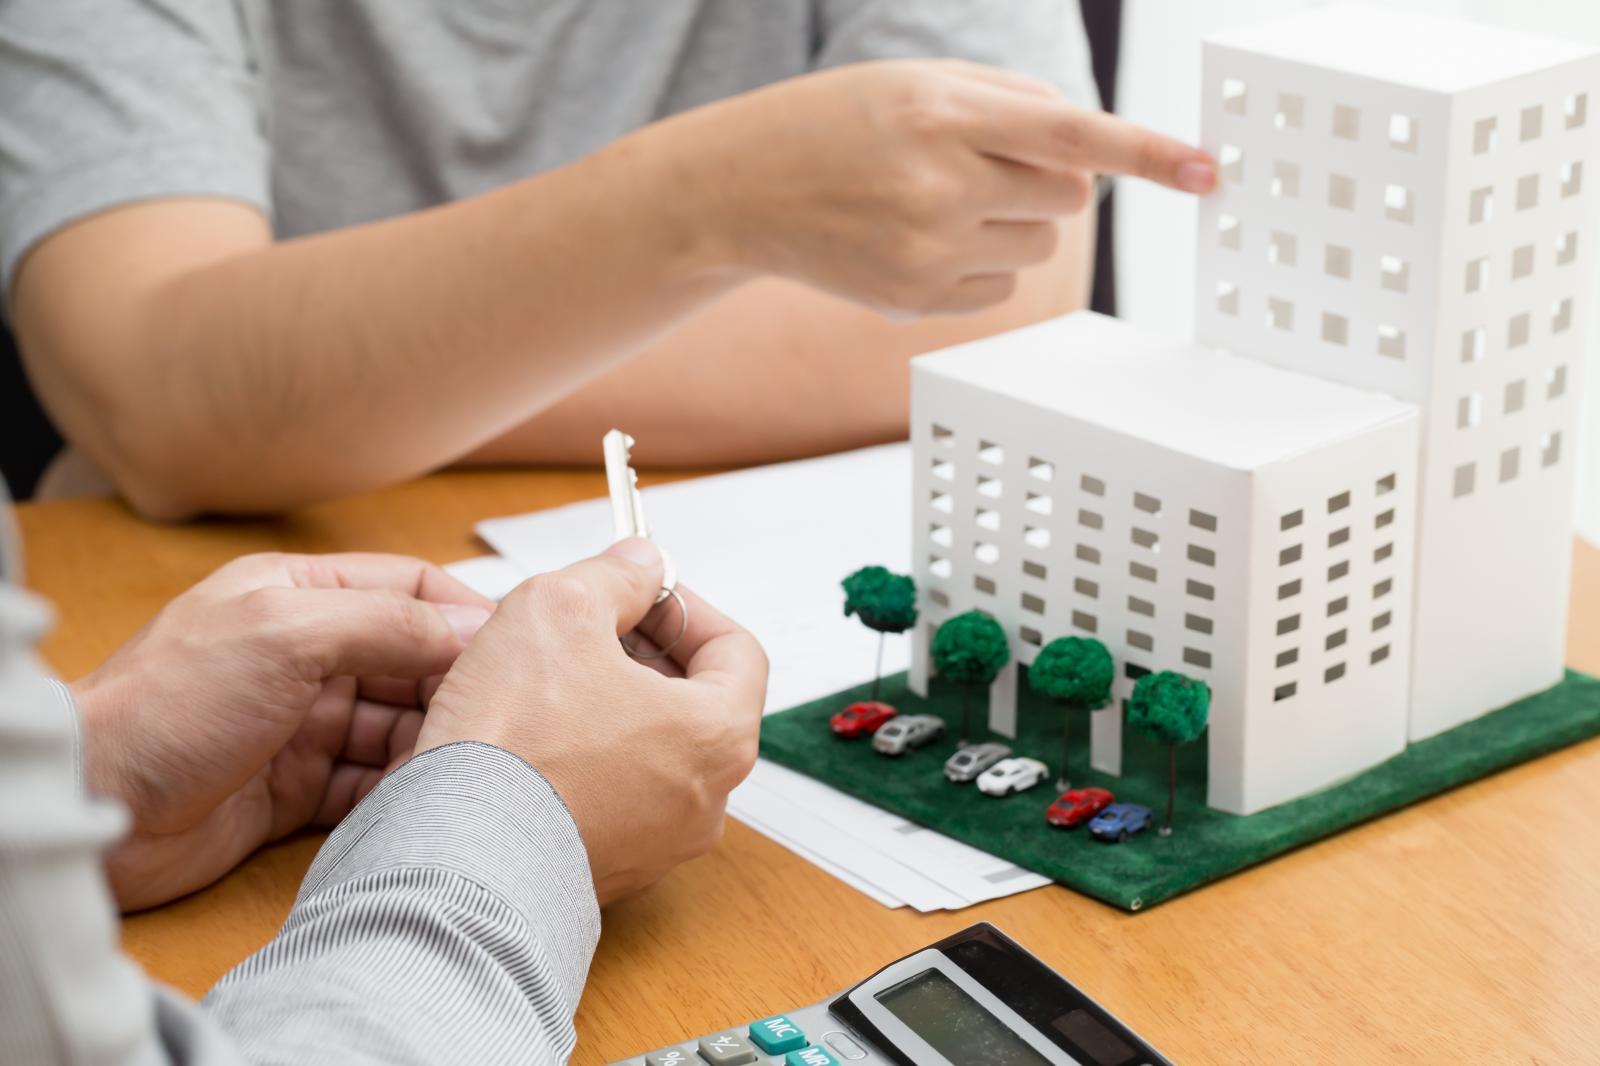 một bàn tay cầm chiếc chìa khóa, một bàn tay chỉ vào mô hình khu chung cư